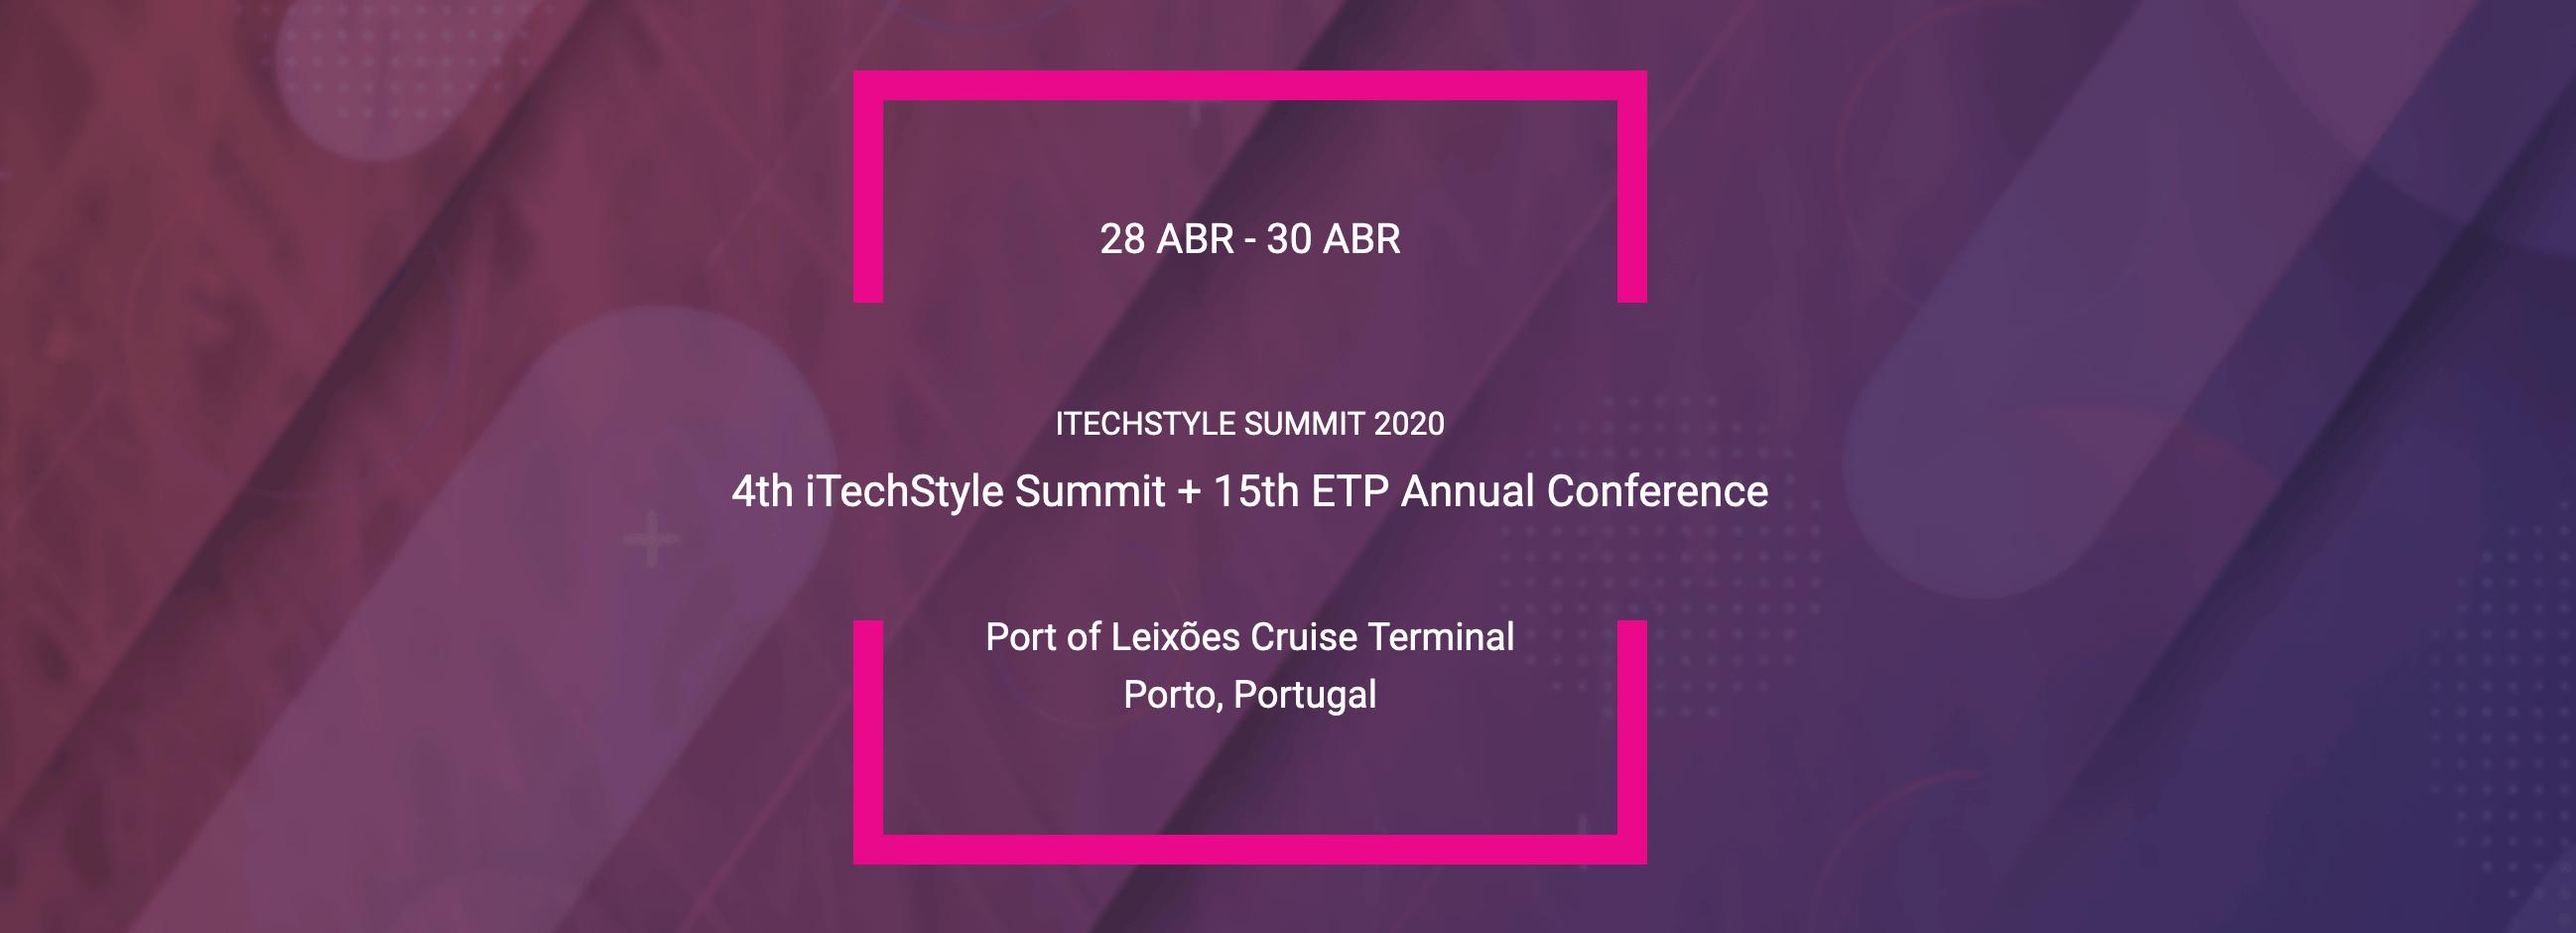 Annual Textile ETP Conference @ Porto, Portugal